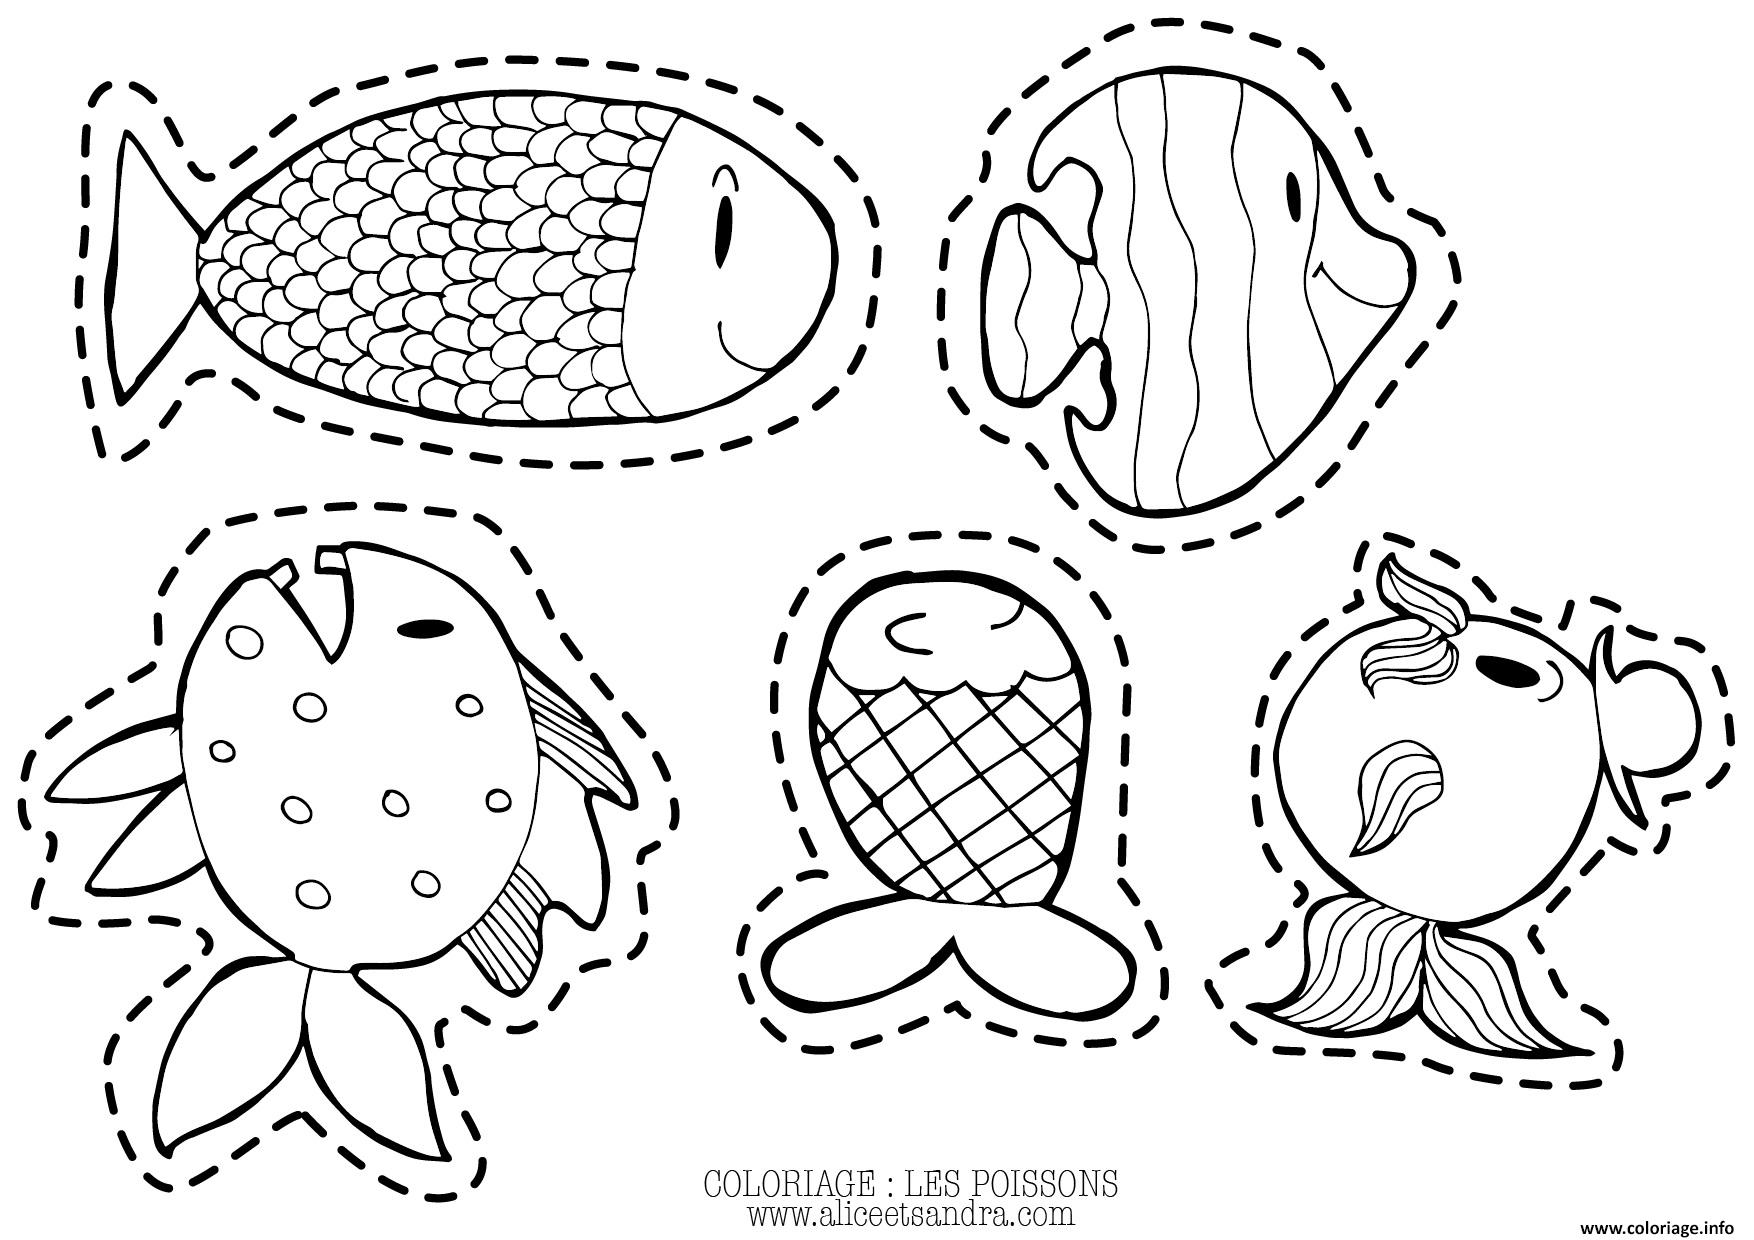 Coloriage les poissons d avril par alice et sandra - Dessin poisson d avril rigolo ...